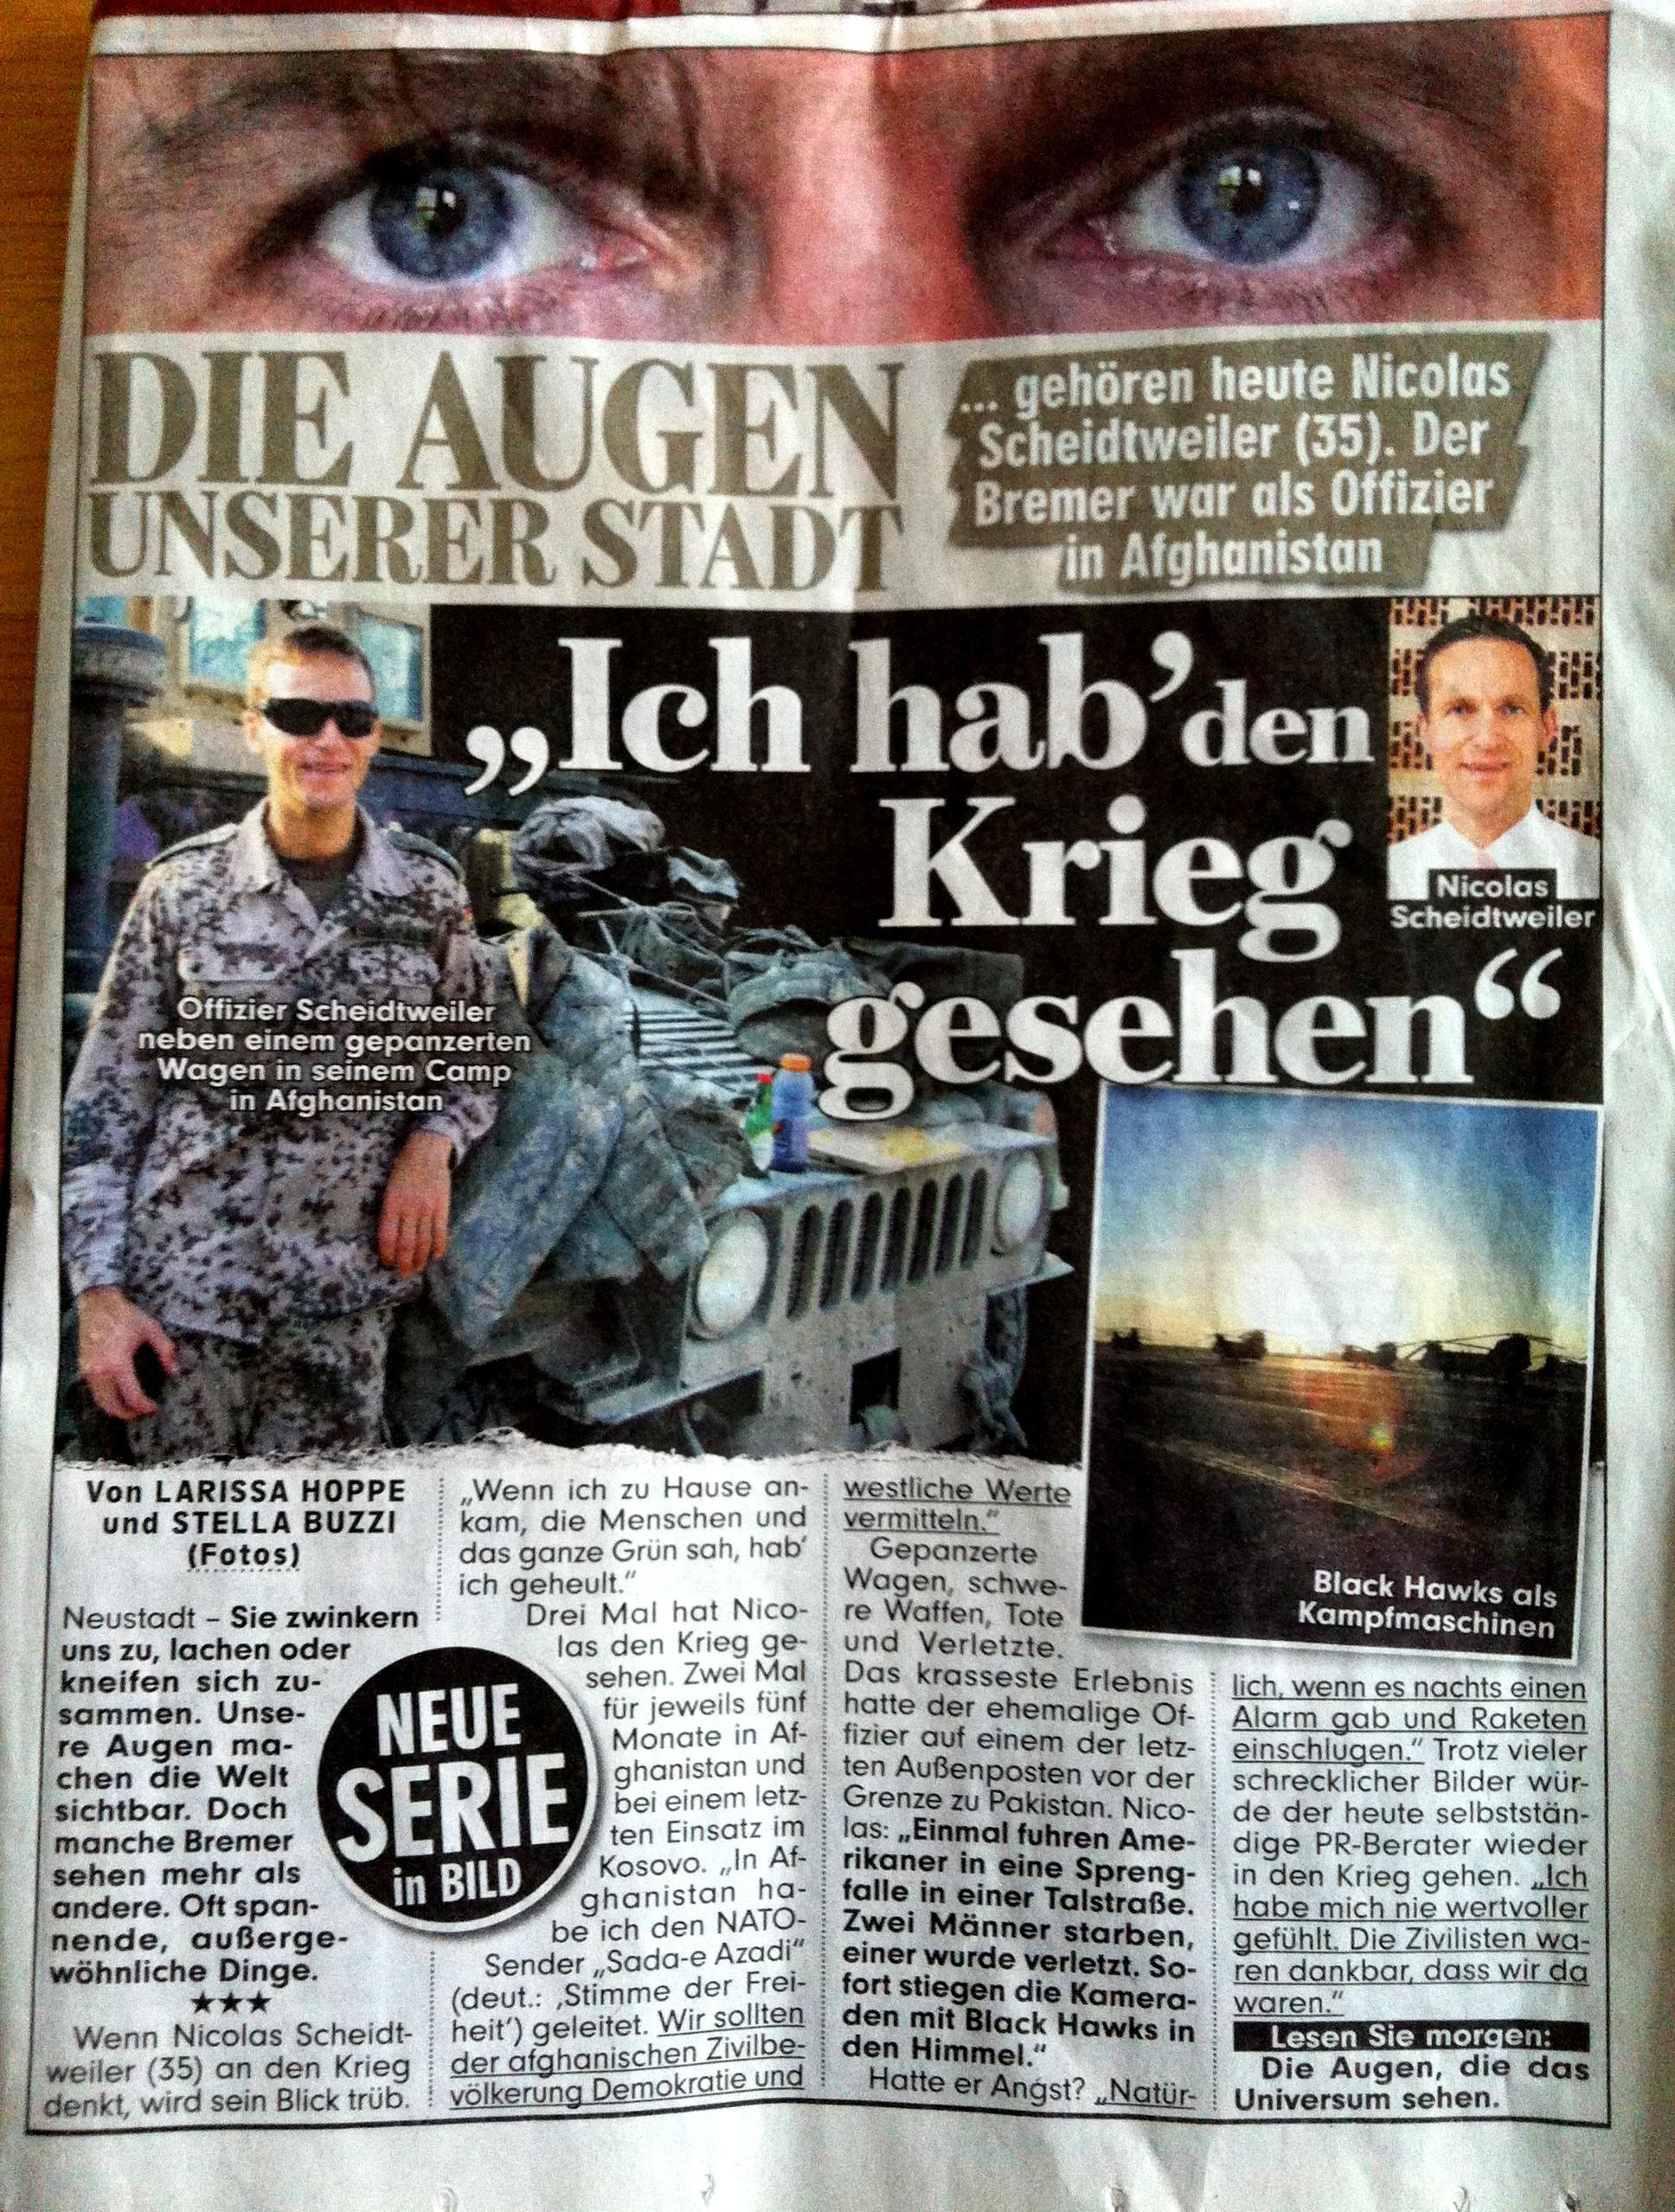 BILD Bremen - Offizier Nicolas Scheidtweiler war in Afghanistan - Medienspiegel